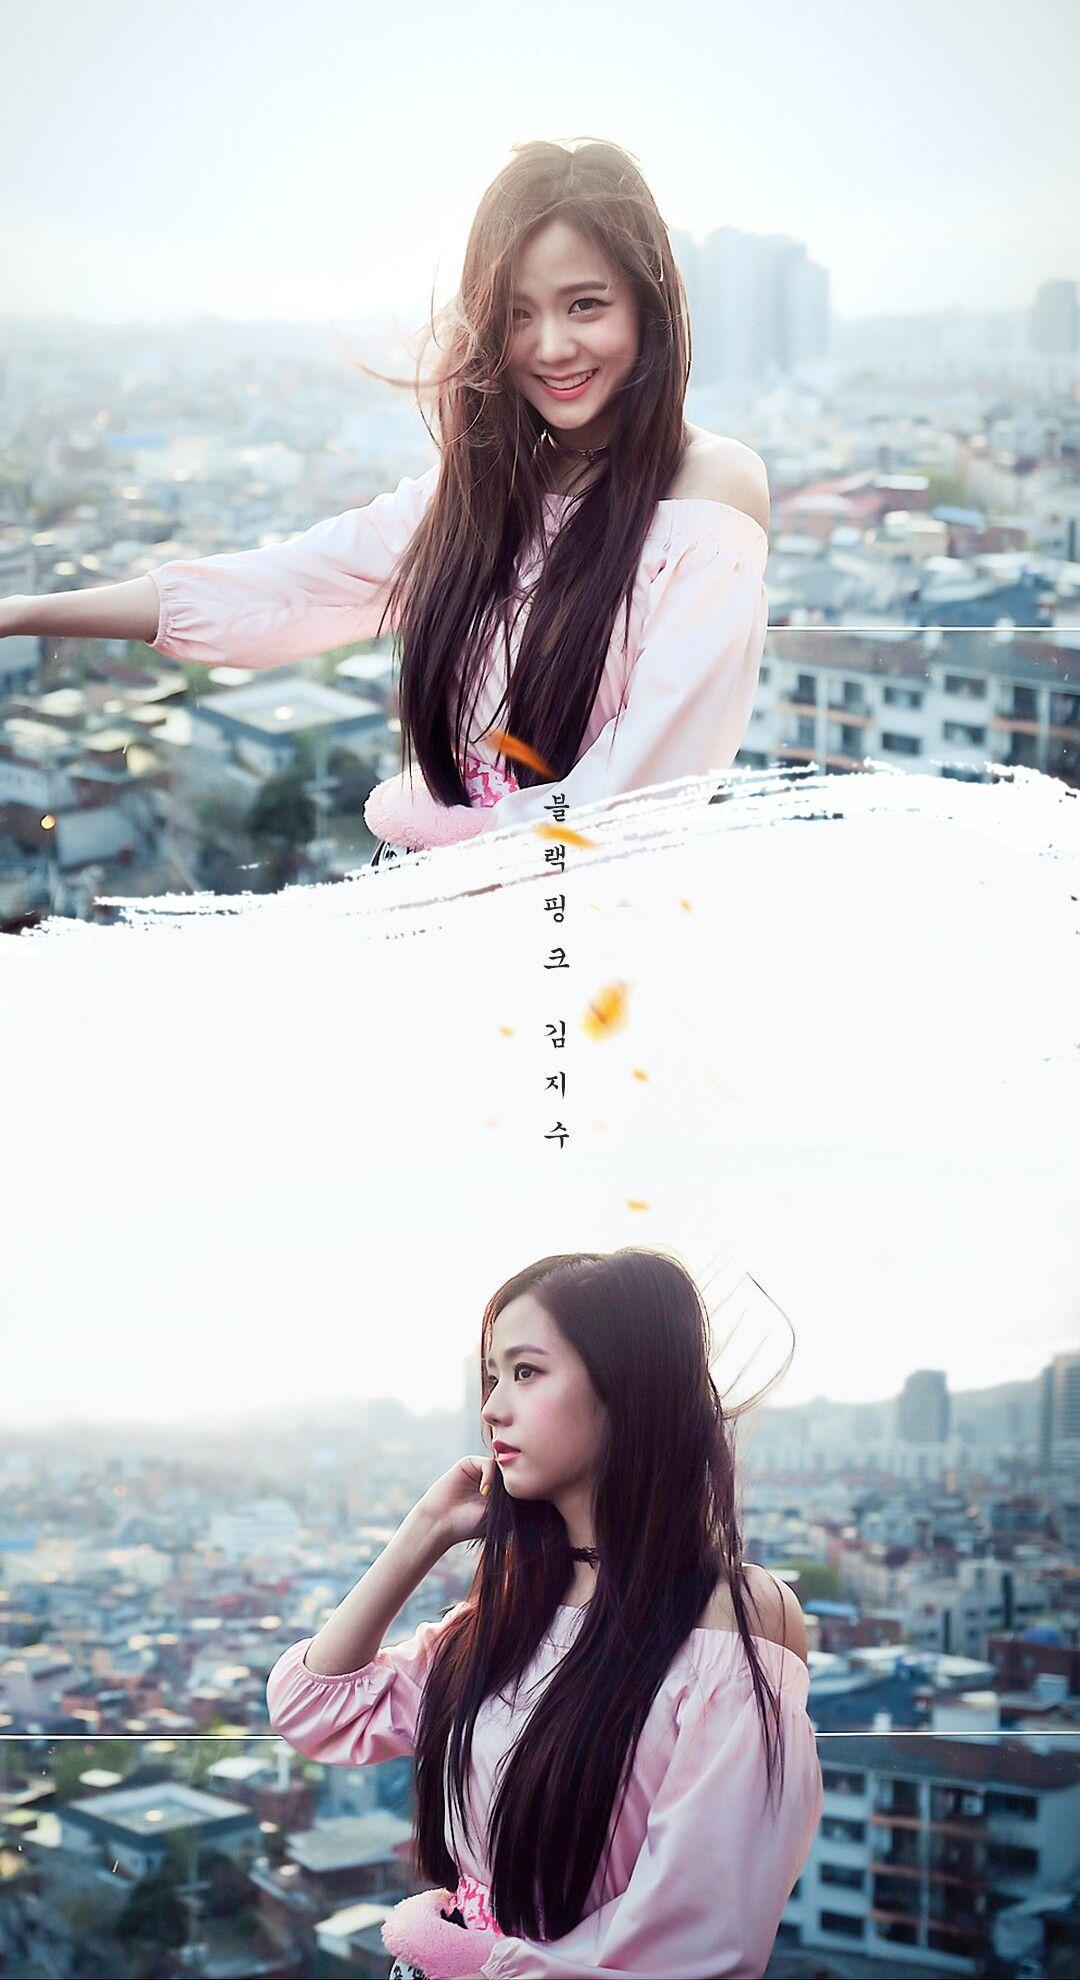 Jisoo Blackpink Wallpaper Lockscreen Jisoo In 2018 Pinterest